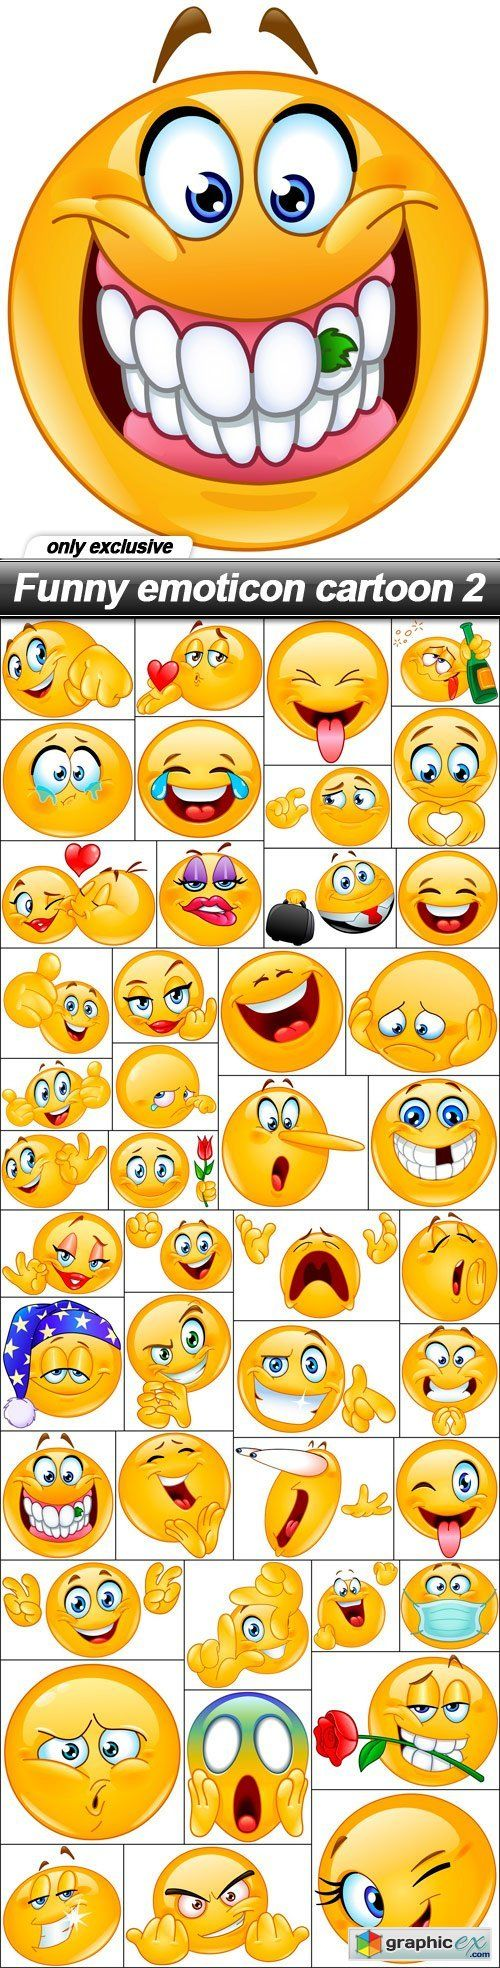 Funny emoticon cartoon 2 - 44 EPS